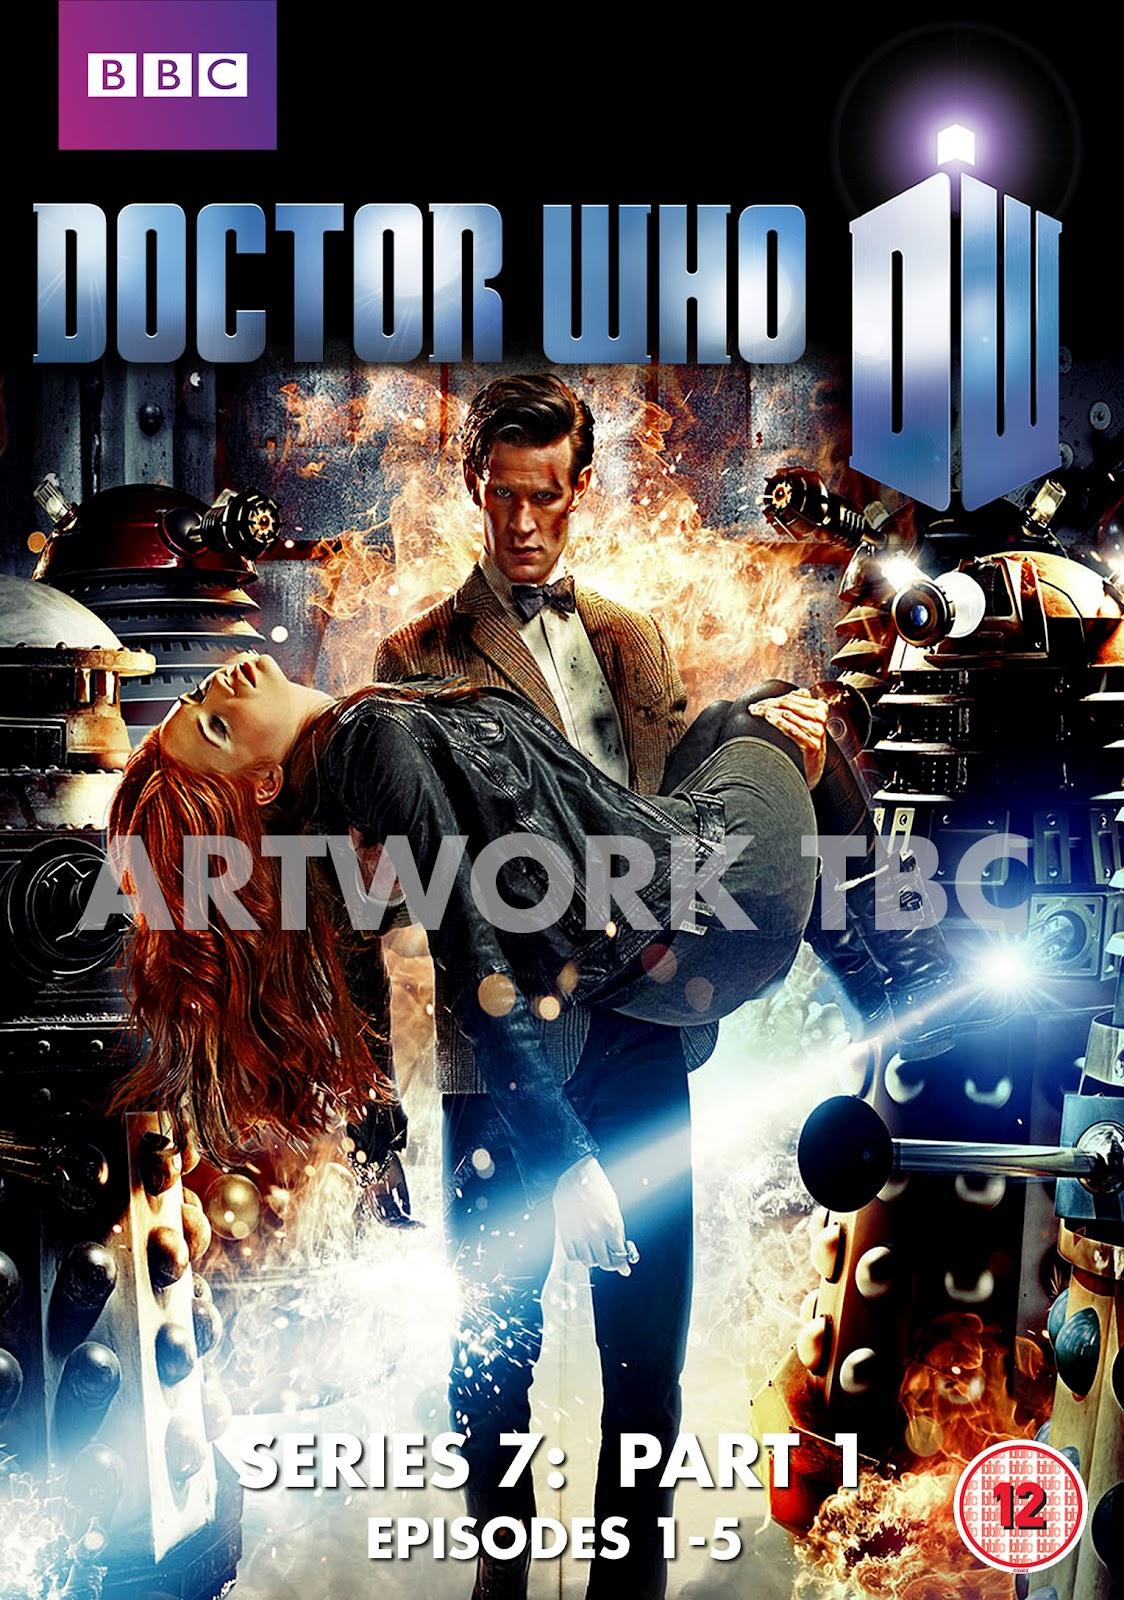 http://1.bp.blogspot.com/-QPOg-WfI5k0/UEJegYi62OI/AAAAAAAAOMo/Yk1PKtCmwtk/s1600/COVER-DVD-DWS7P1+(1).jpg